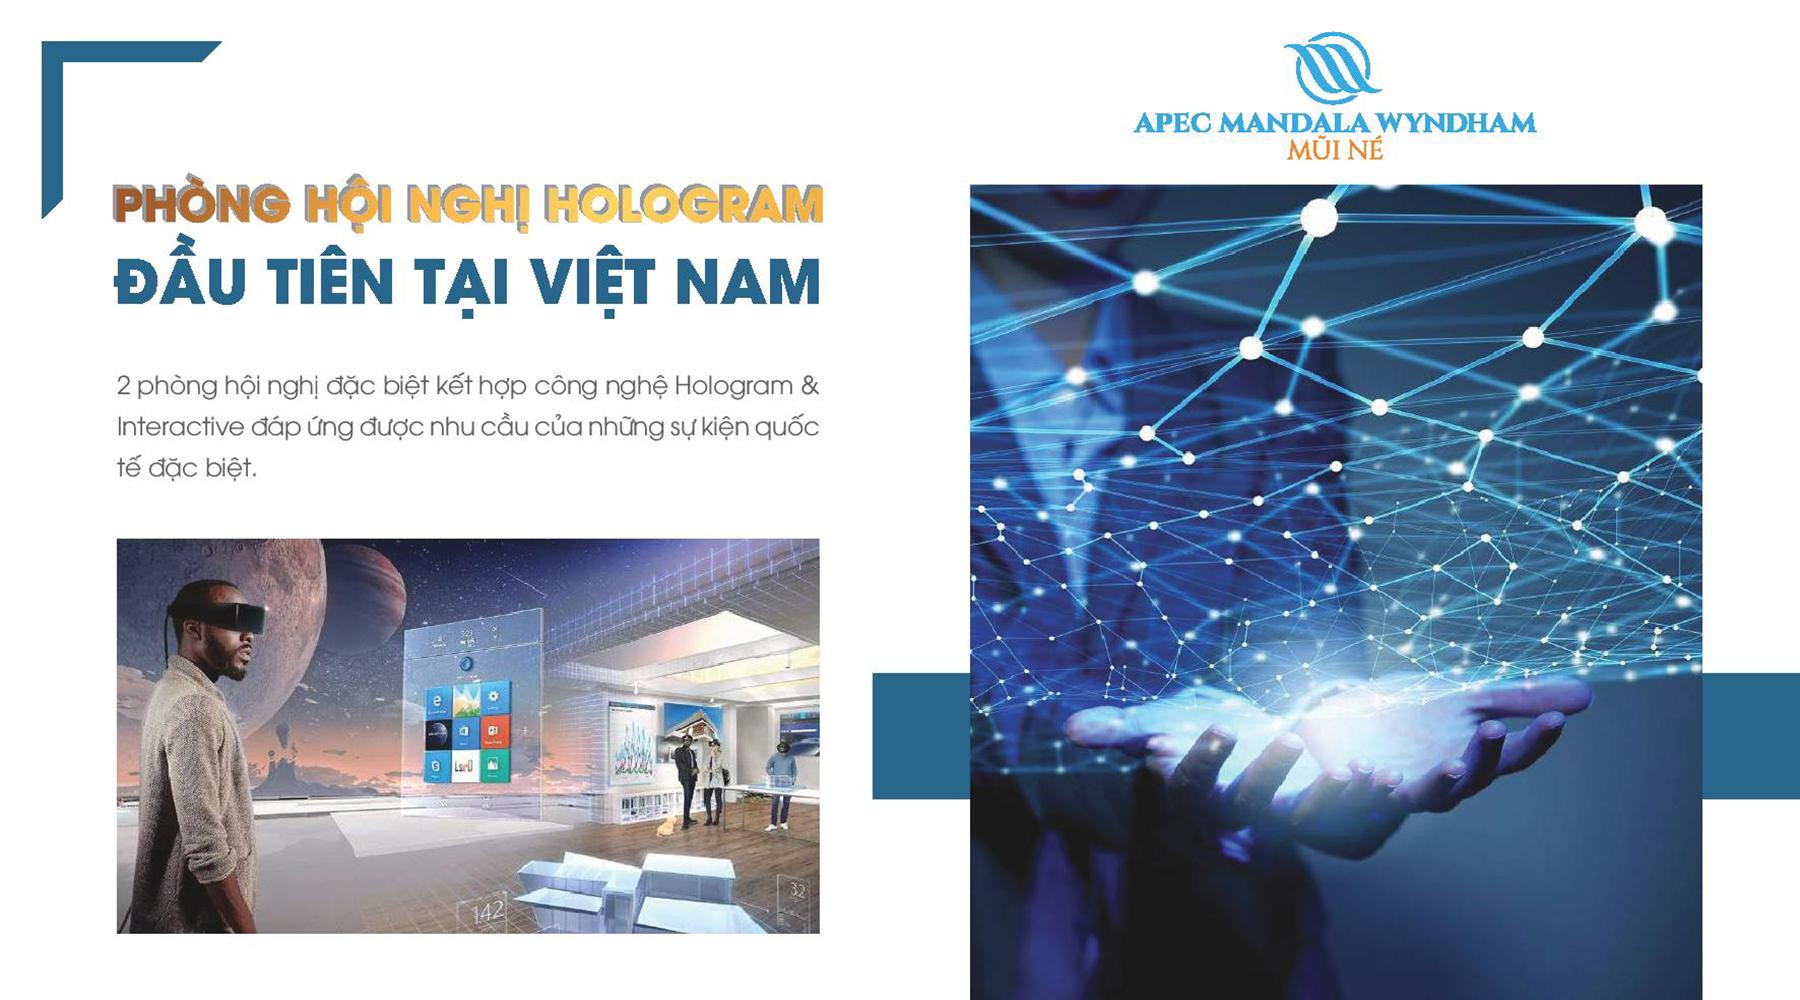 Tiện ích dự án Apec Mandala Wyndham phòng hội nghị Hologram